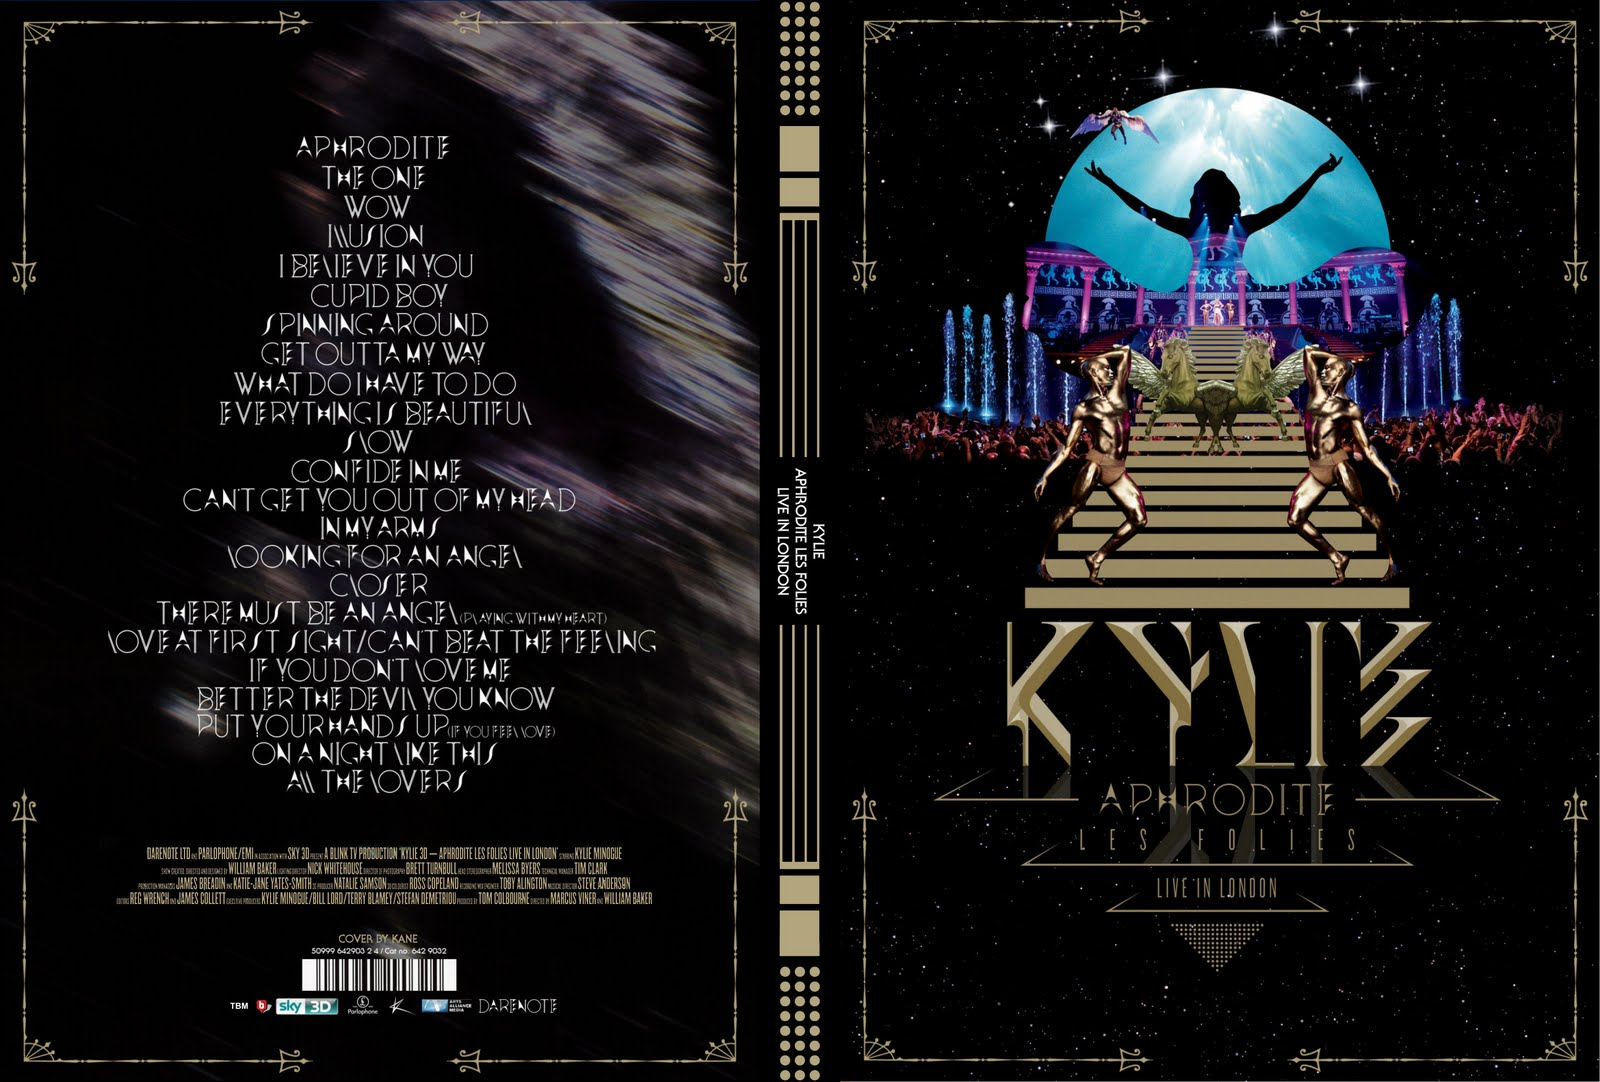 http://2.bp.blogspot.com/-eTiZUSZlLDg/Tf5f7vOT6VI/AAAAAAAAAOI/CFzC72J68e8/s1600/Les-Folies-DVD-Cover-2.jpg